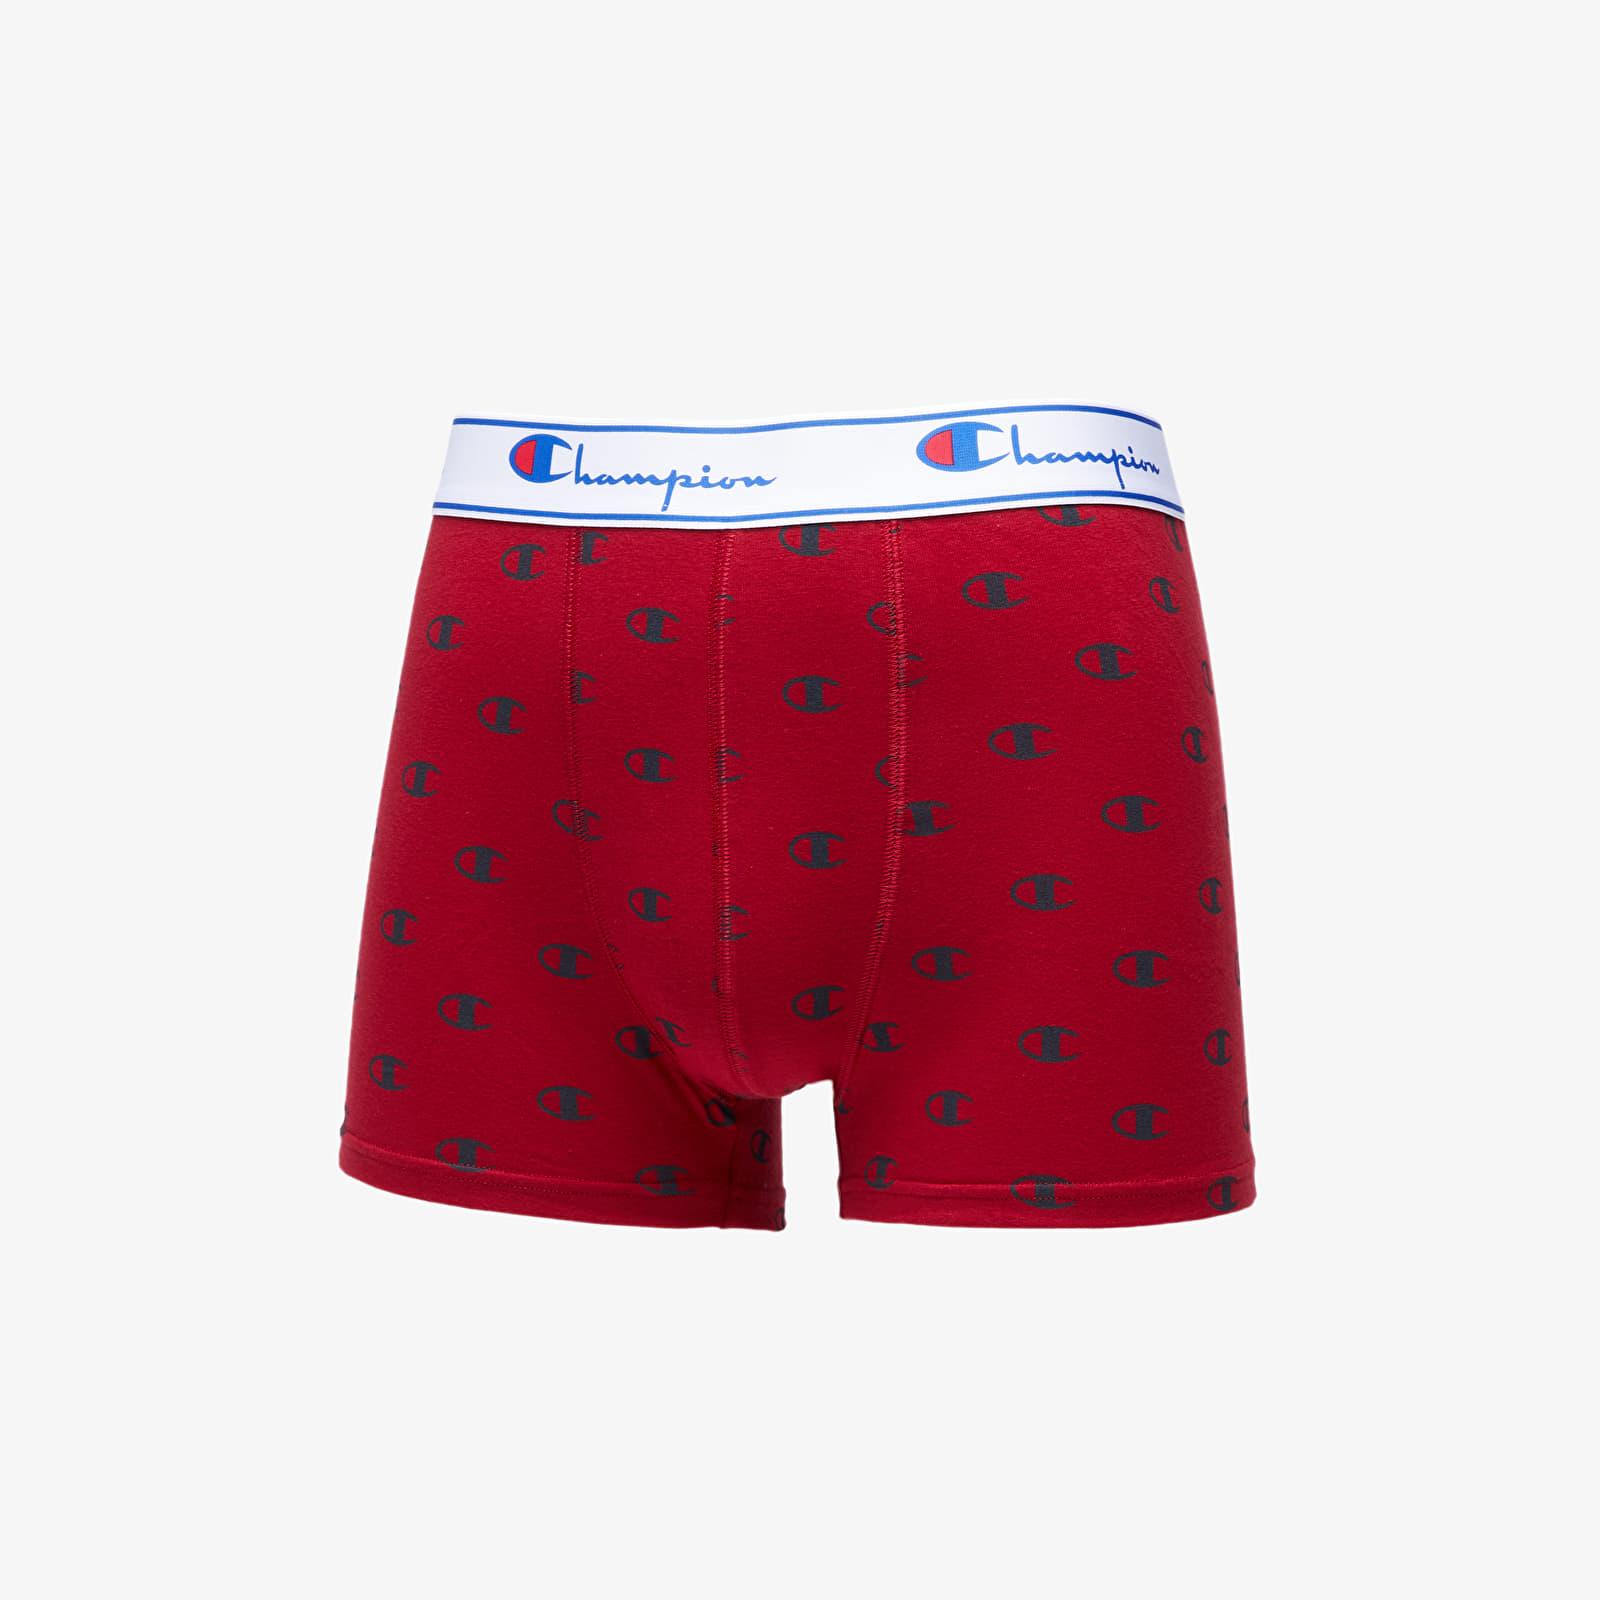 Sous-vêtements pour hommes Champion 2Pack Boxers Red/ Black